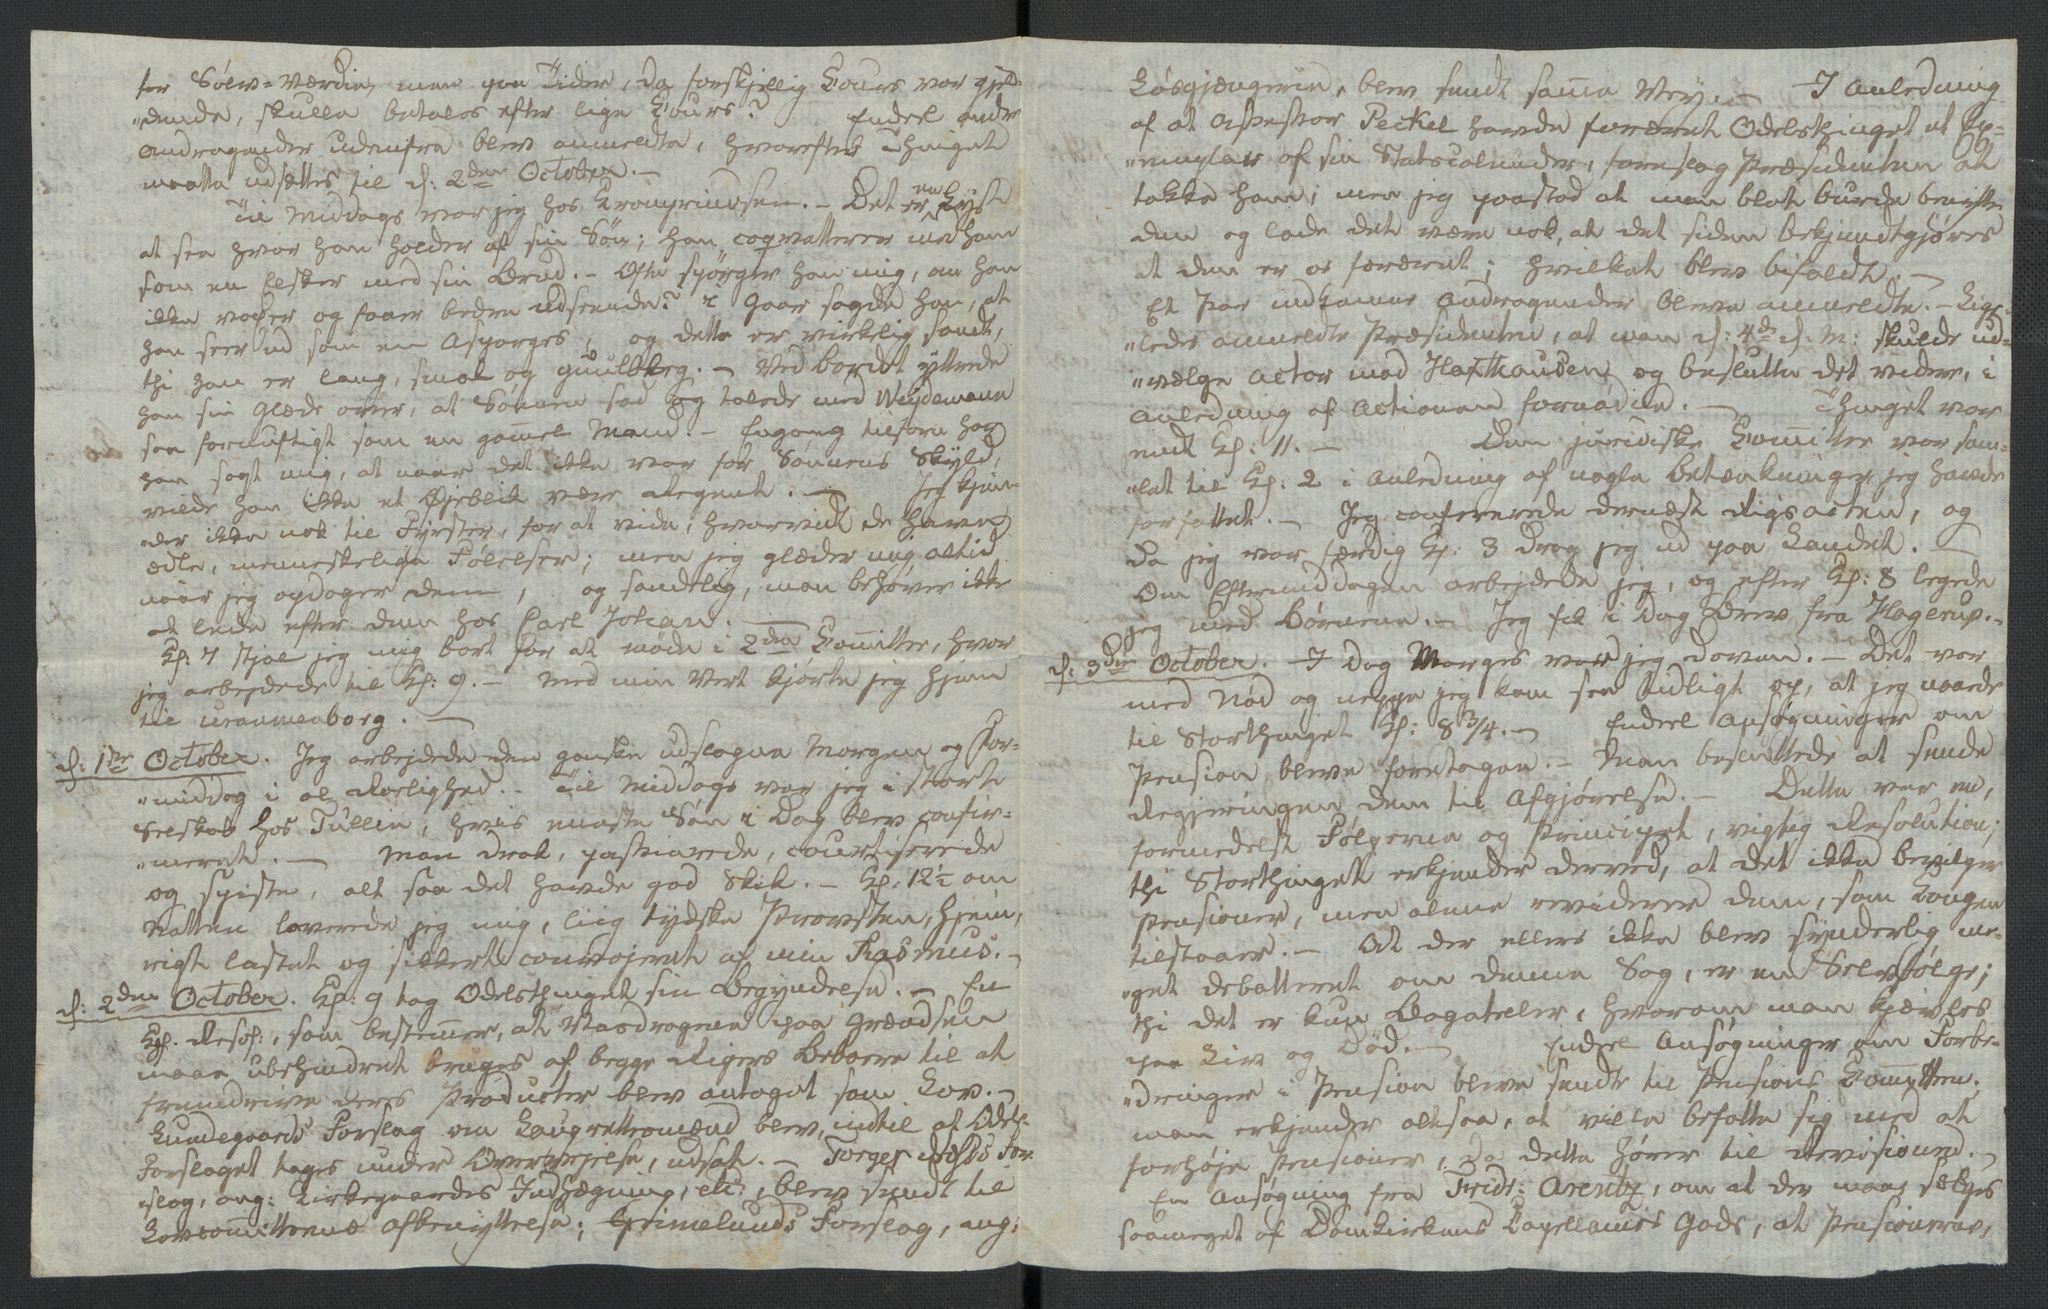 RA, Christie, Wilhelm Frimann Koren, F/L0005, 1815-1816, s. 90